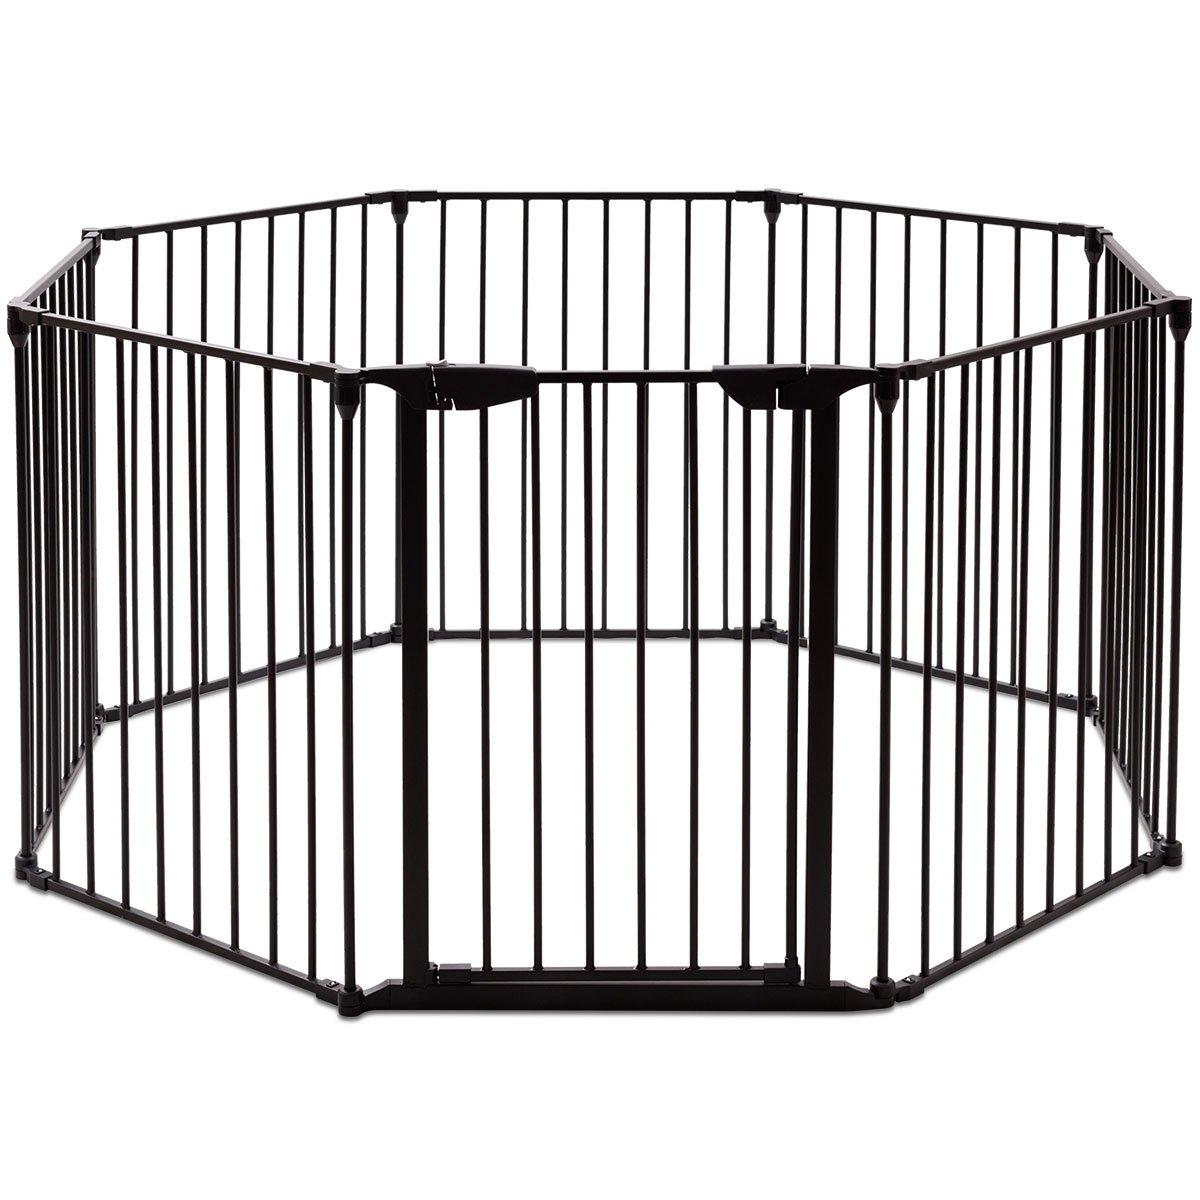 Barrière de Sécurité Enfant Bébé Grille de Protection Cheminée Pare-Feu de Cheminée 8 Pans (blanc) Blitzzauber 24